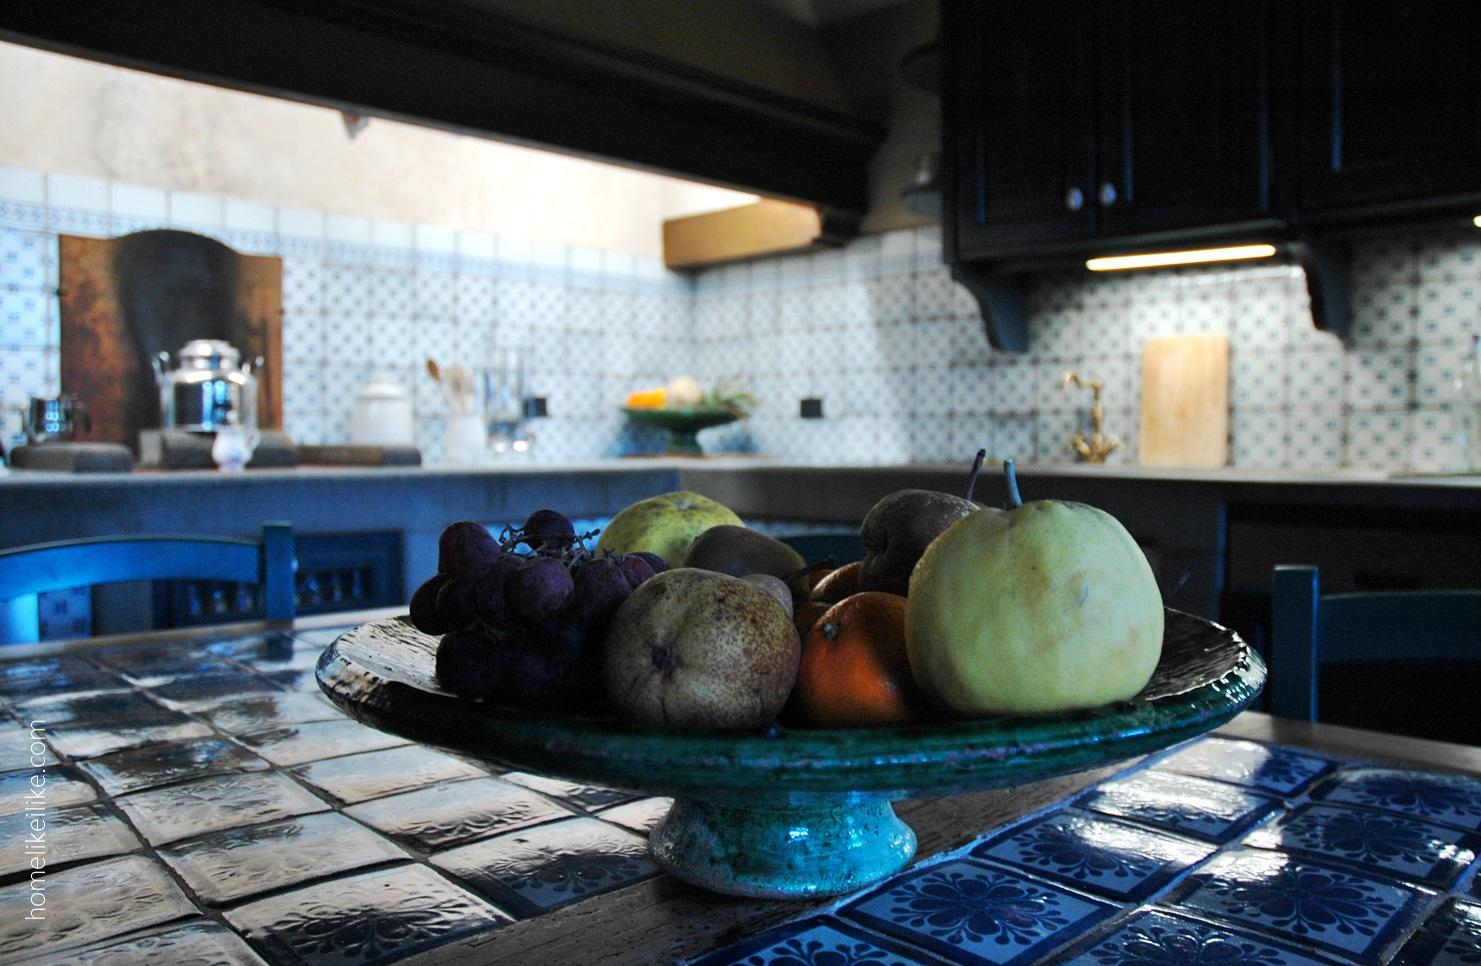 tuscany kitchen - homelikeilike.com